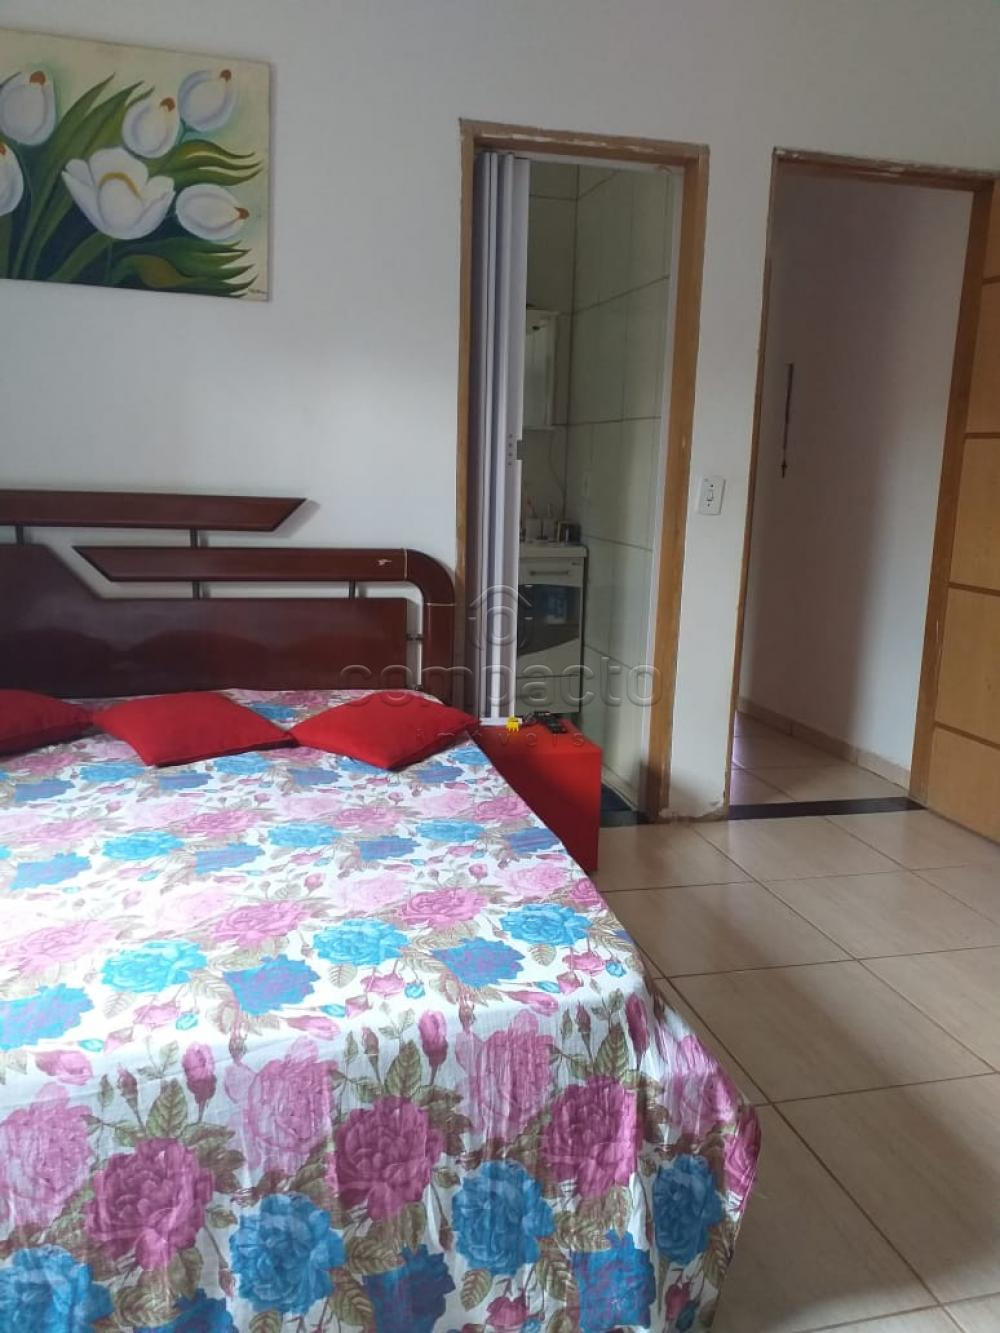 Comprar Casa / Padrão em São José do Rio Preto apenas R$ 185.000,00 - Foto 7